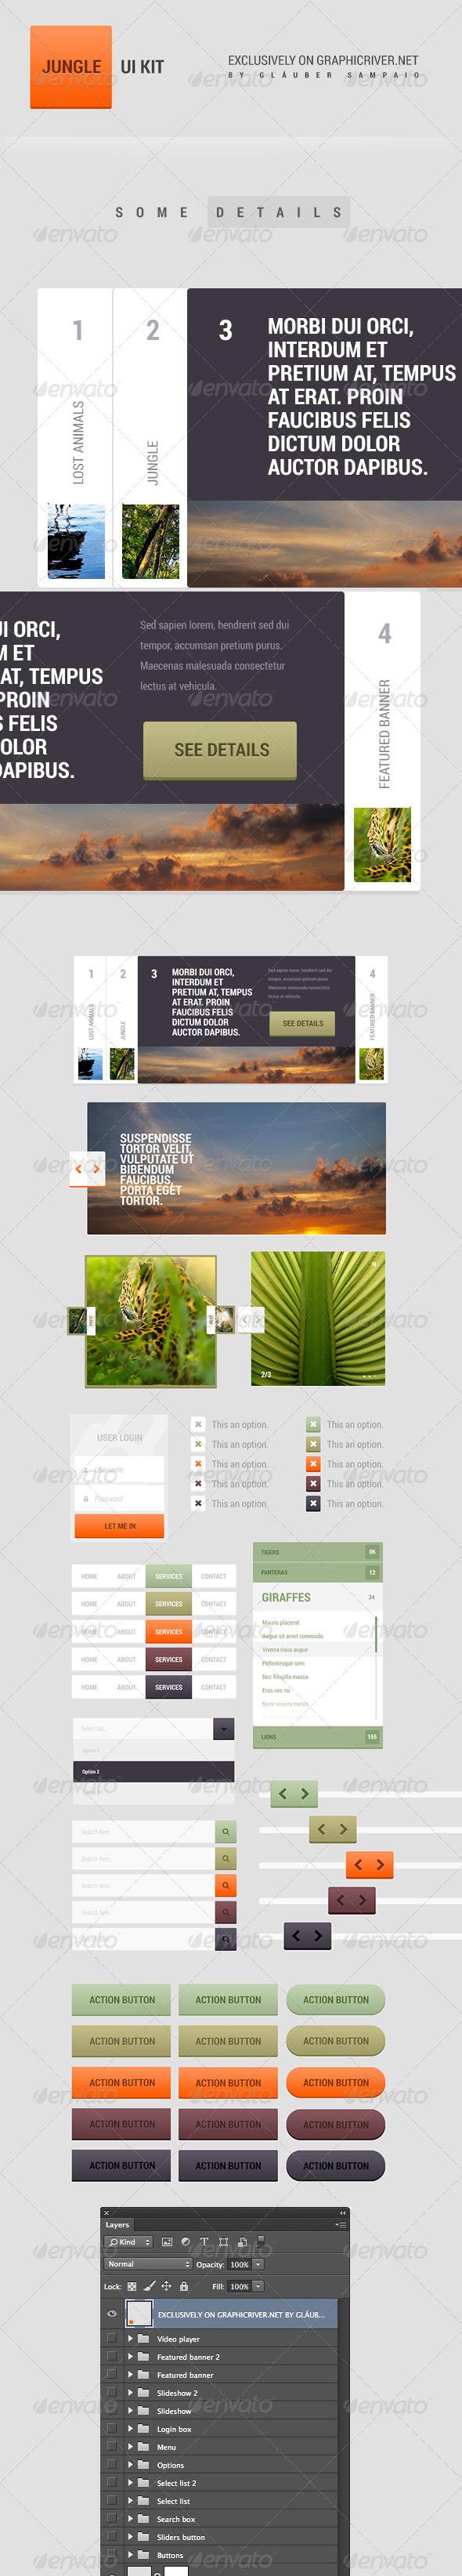 GraphicRiver Jungle UI Kit 5212094